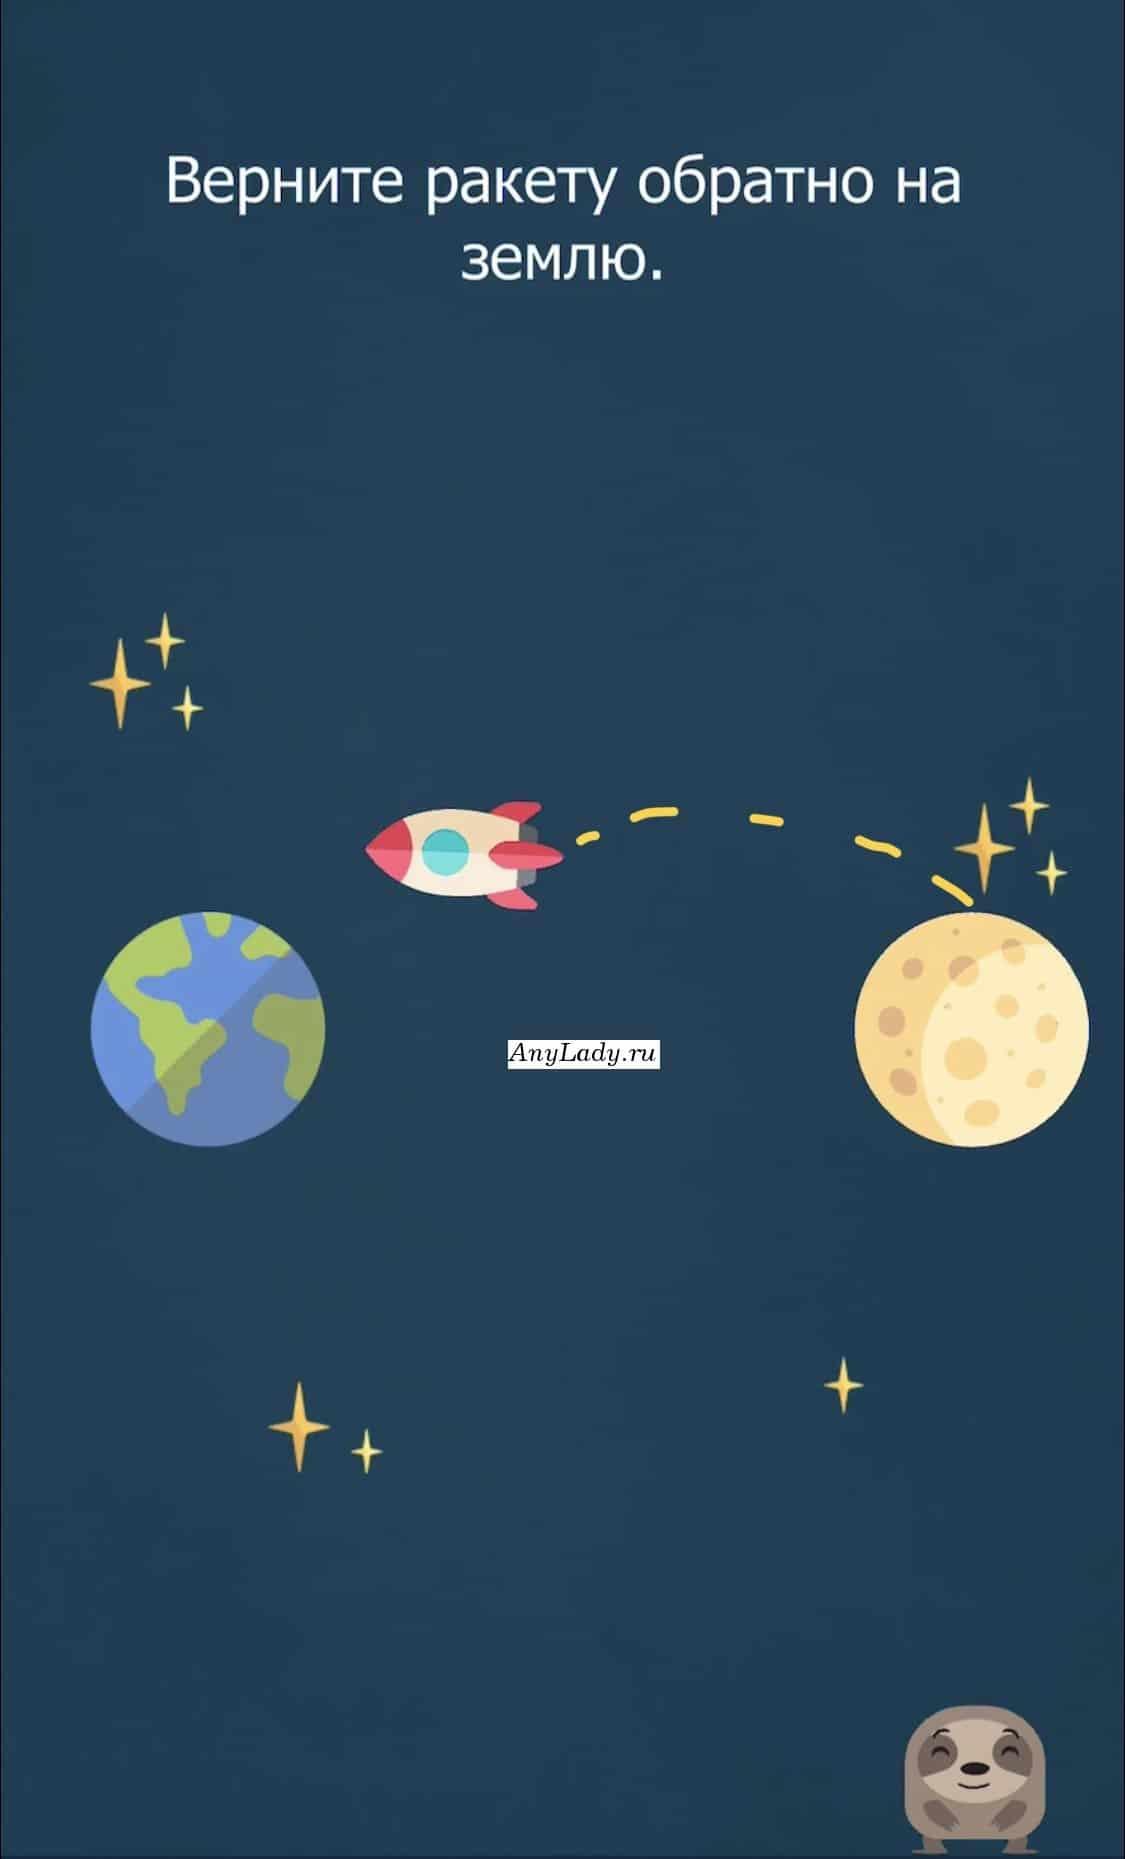 Уведите солнце, за поля вашего экрана (влево). Справа выглянет Земля потяните ее влево и следом появится луна с ракетой. Жмите на ракету и она отправится к планете Земля.